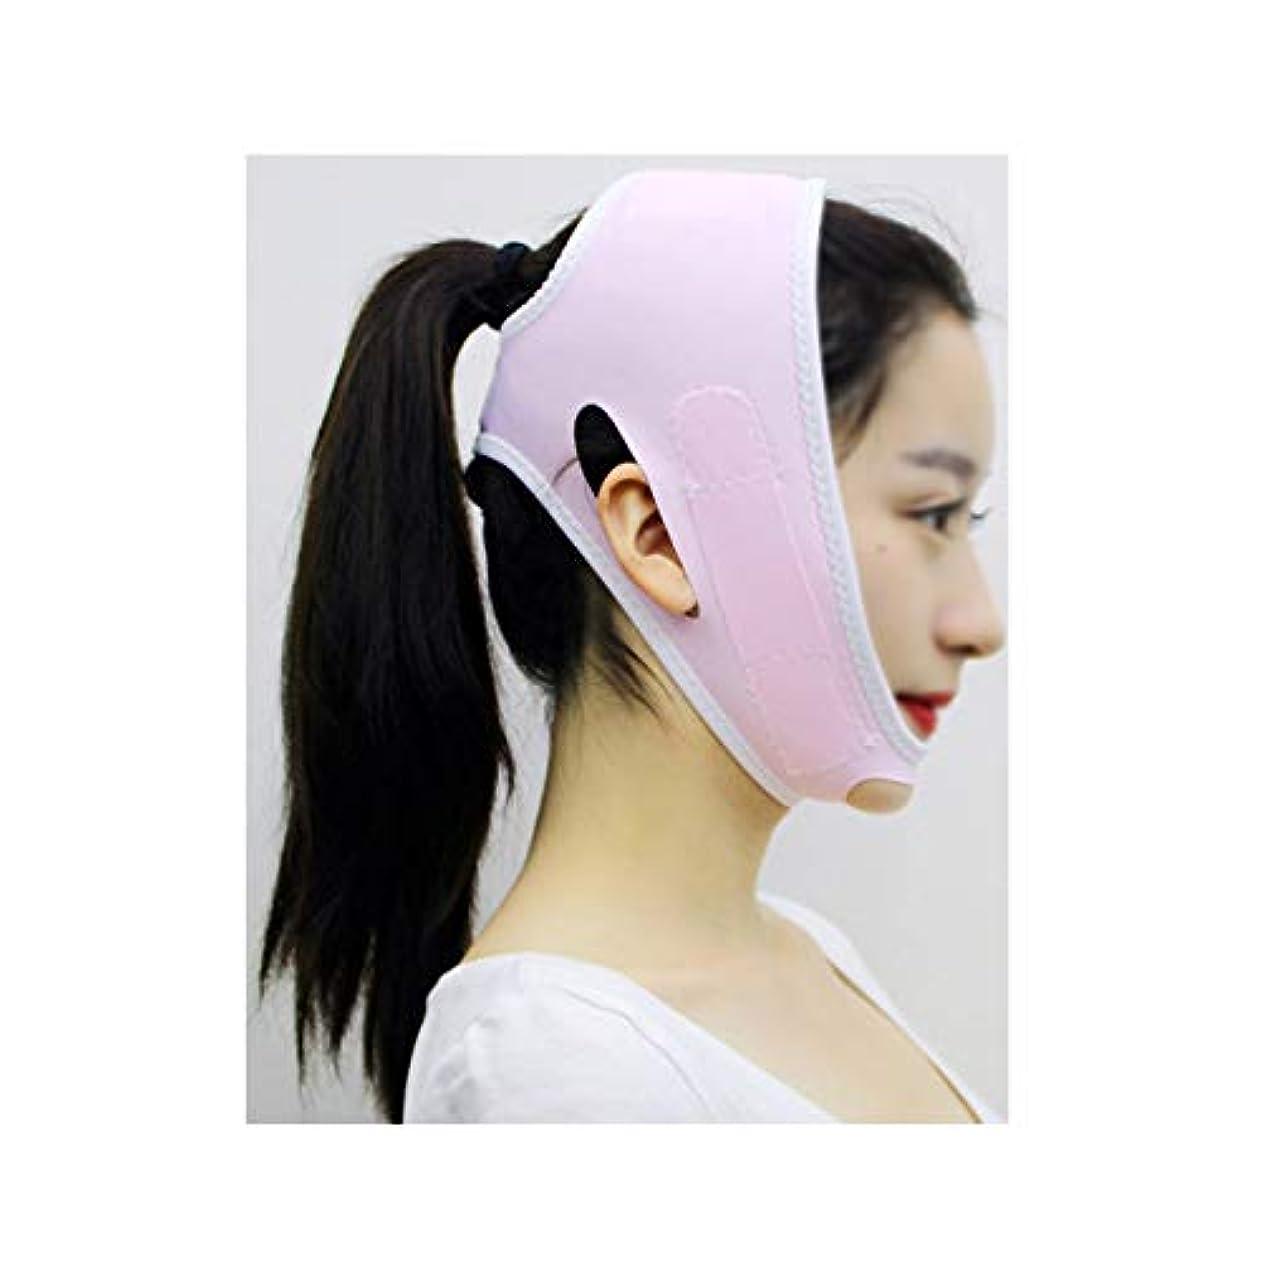 考古学的な実験をする包囲TLMY フェイシャルリフティングマスクあごストラップ修復包帯ヘッドバンドマスクフェイスリフティングスモールVフェイスアーティファクト型美容弾性フェイシャル&ネックリフティング 顔用整形マスク (Color : Pink)